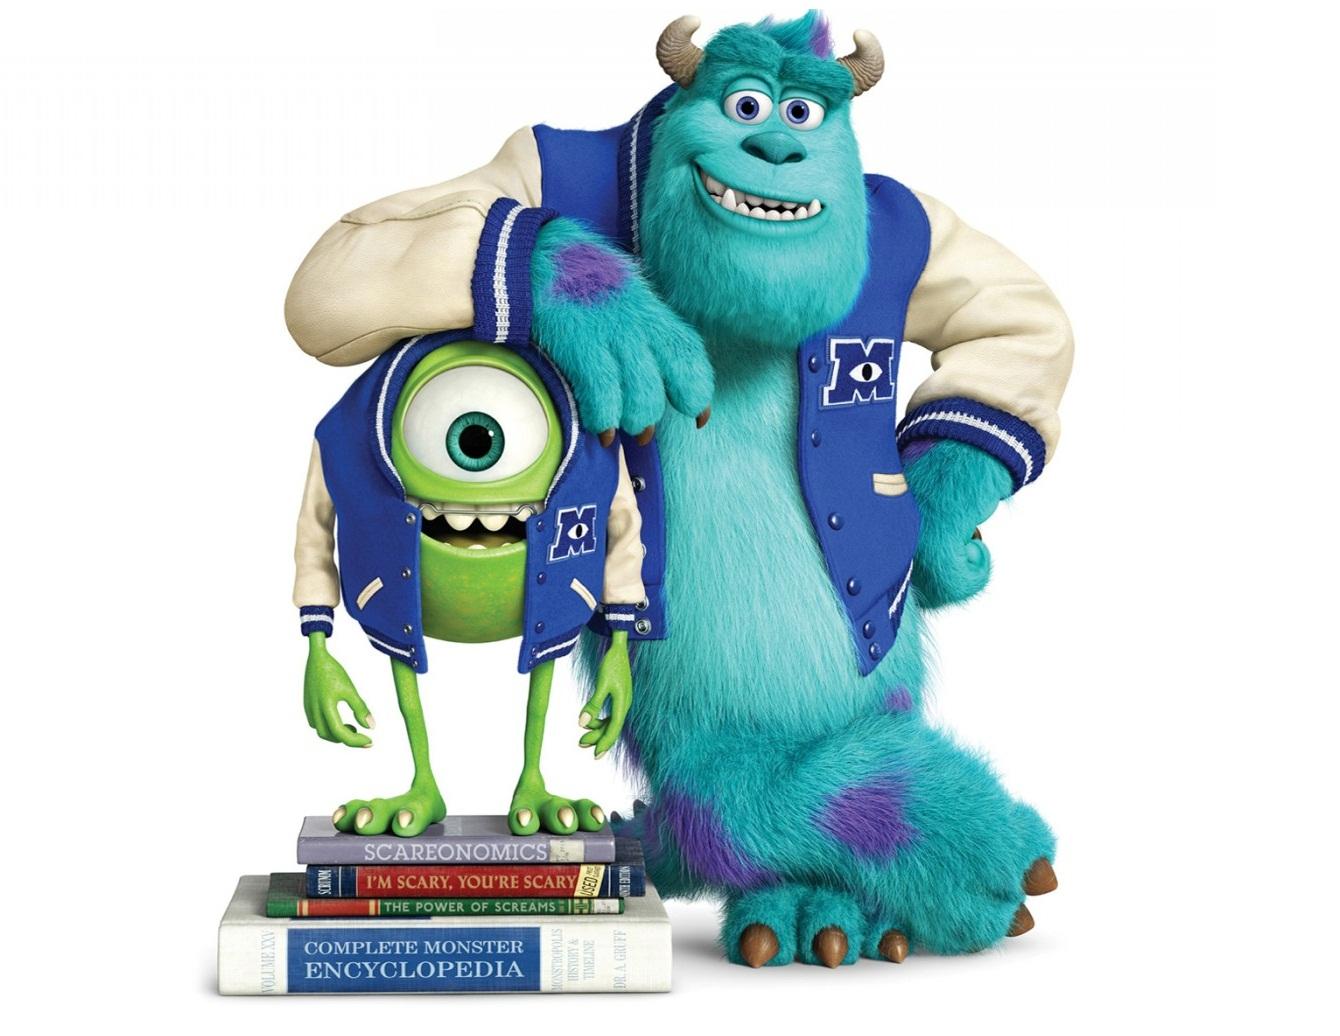 http://2.bp.blogspot.com/-YDhRfjsu628/UOTL4e0fw2I/AAAAAAAAAyk/EqX7JFgl_OQ/s1600/Monster+University.jpg